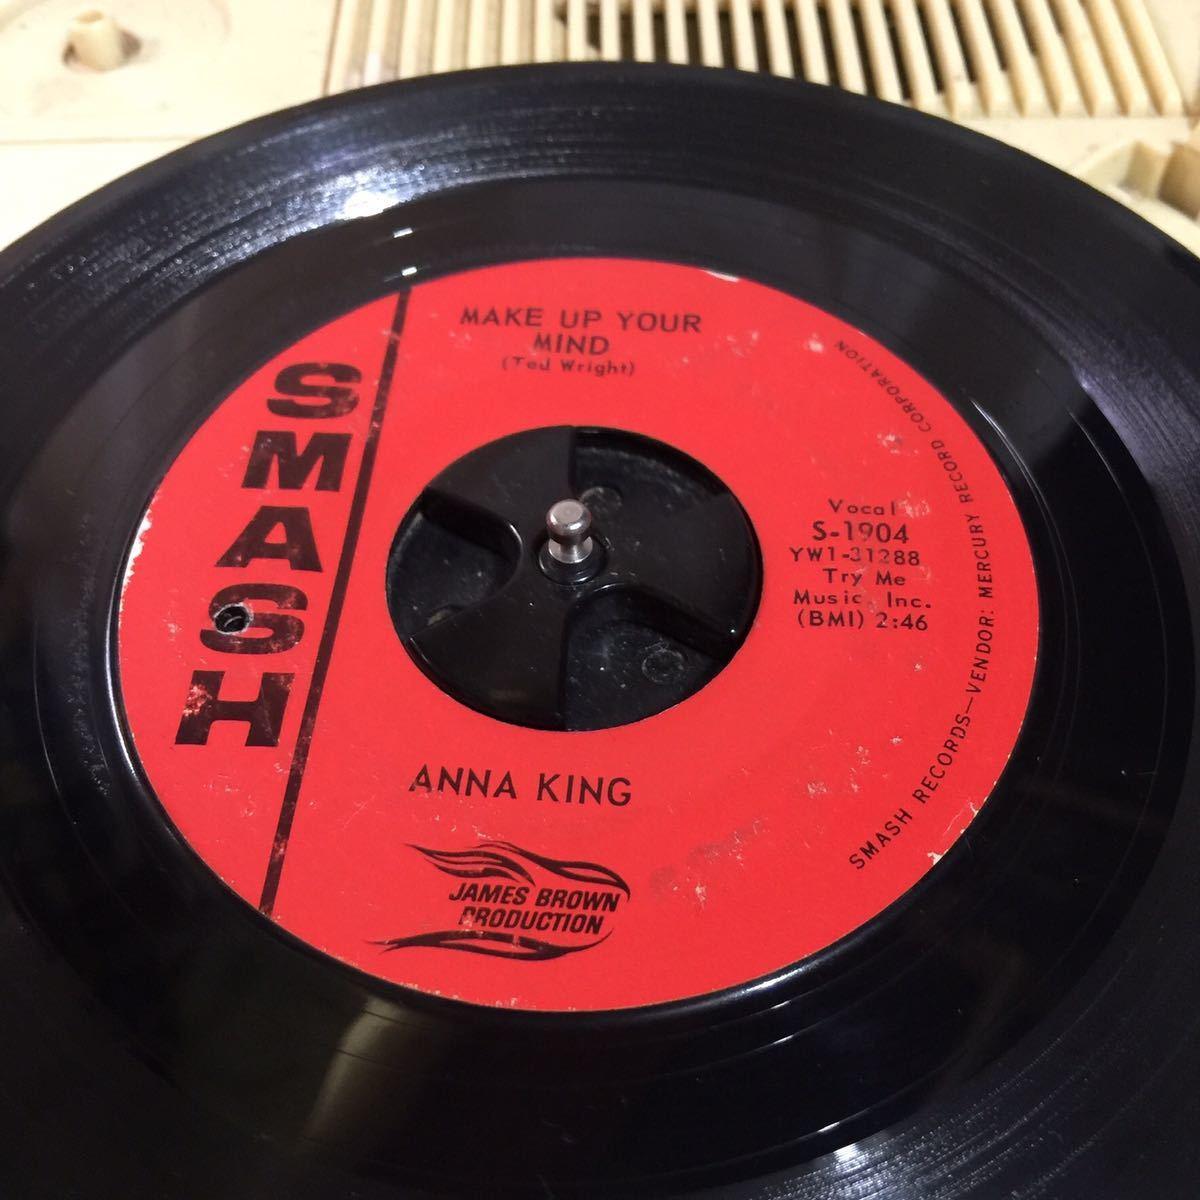 JAMES BROWN ファミリーで 入手困難な ANNA KING IF YOU DON'T THINK / MAKE UP YOUR MIND (R&B soul pop rock mods jazz hiphop ska dj